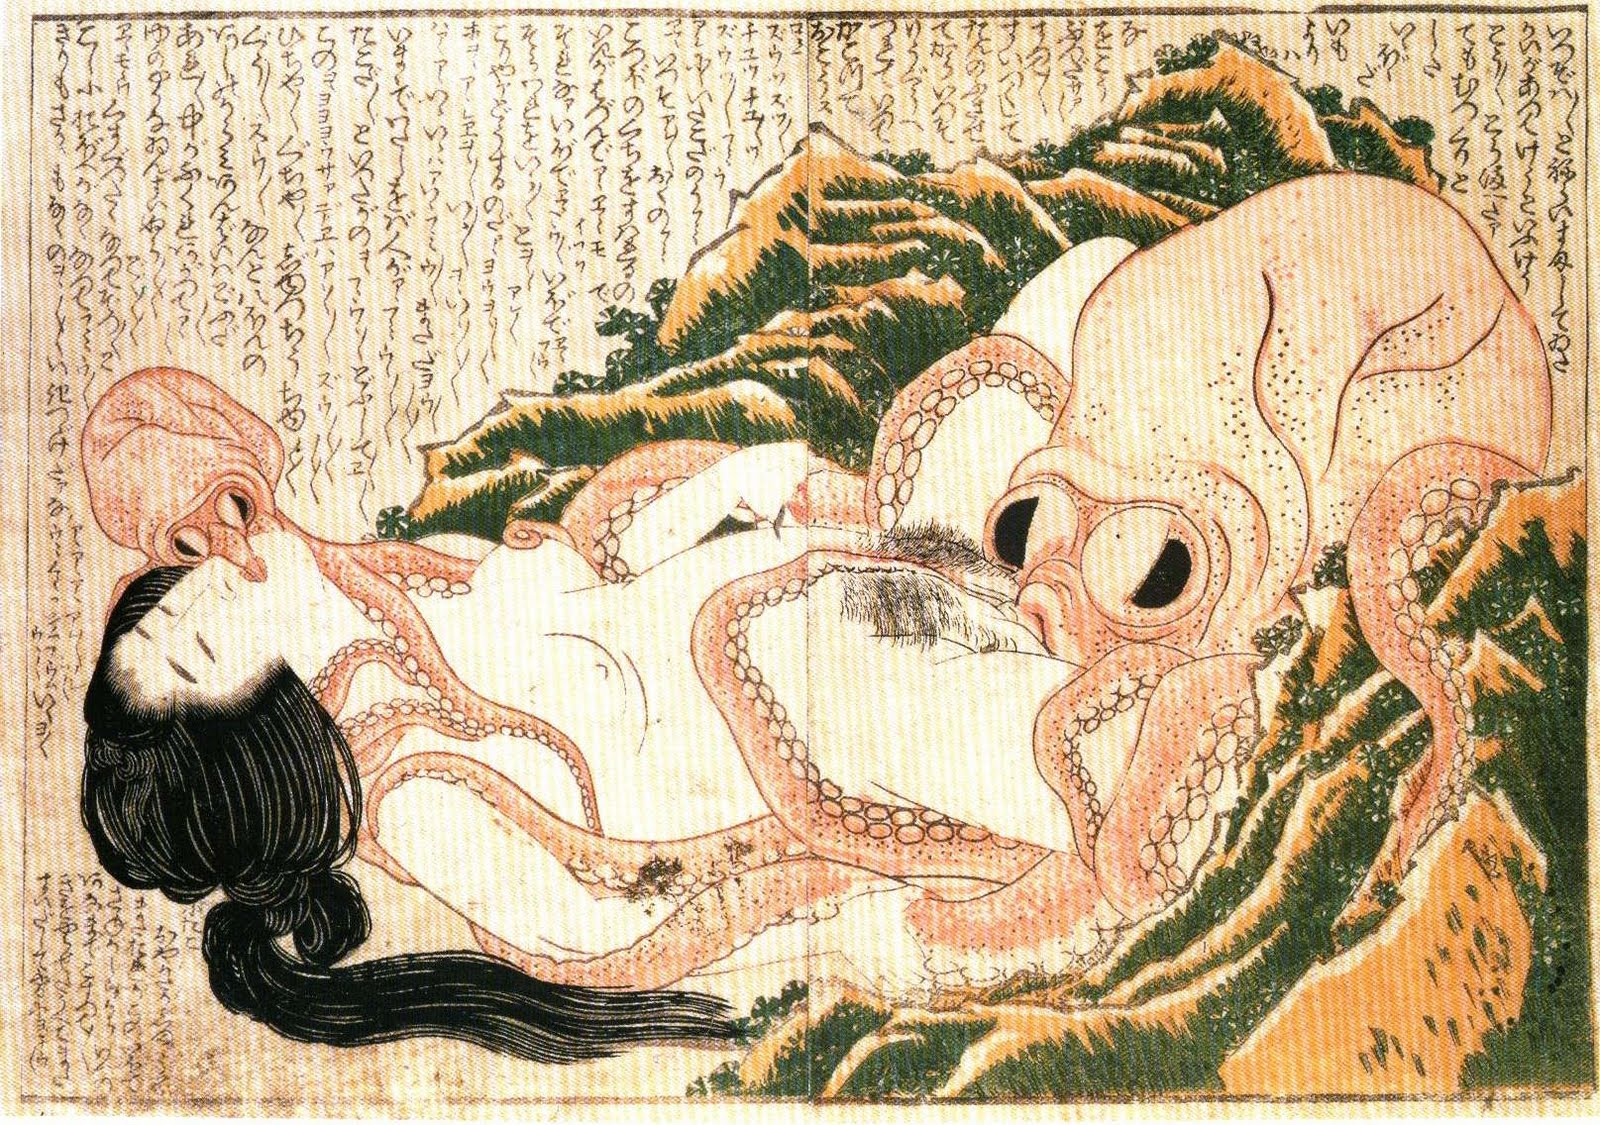 Le rêve de la femme du pécheur du peintre Hokusai. Première œuvre japonaise à classer dans le style Ero-Guro